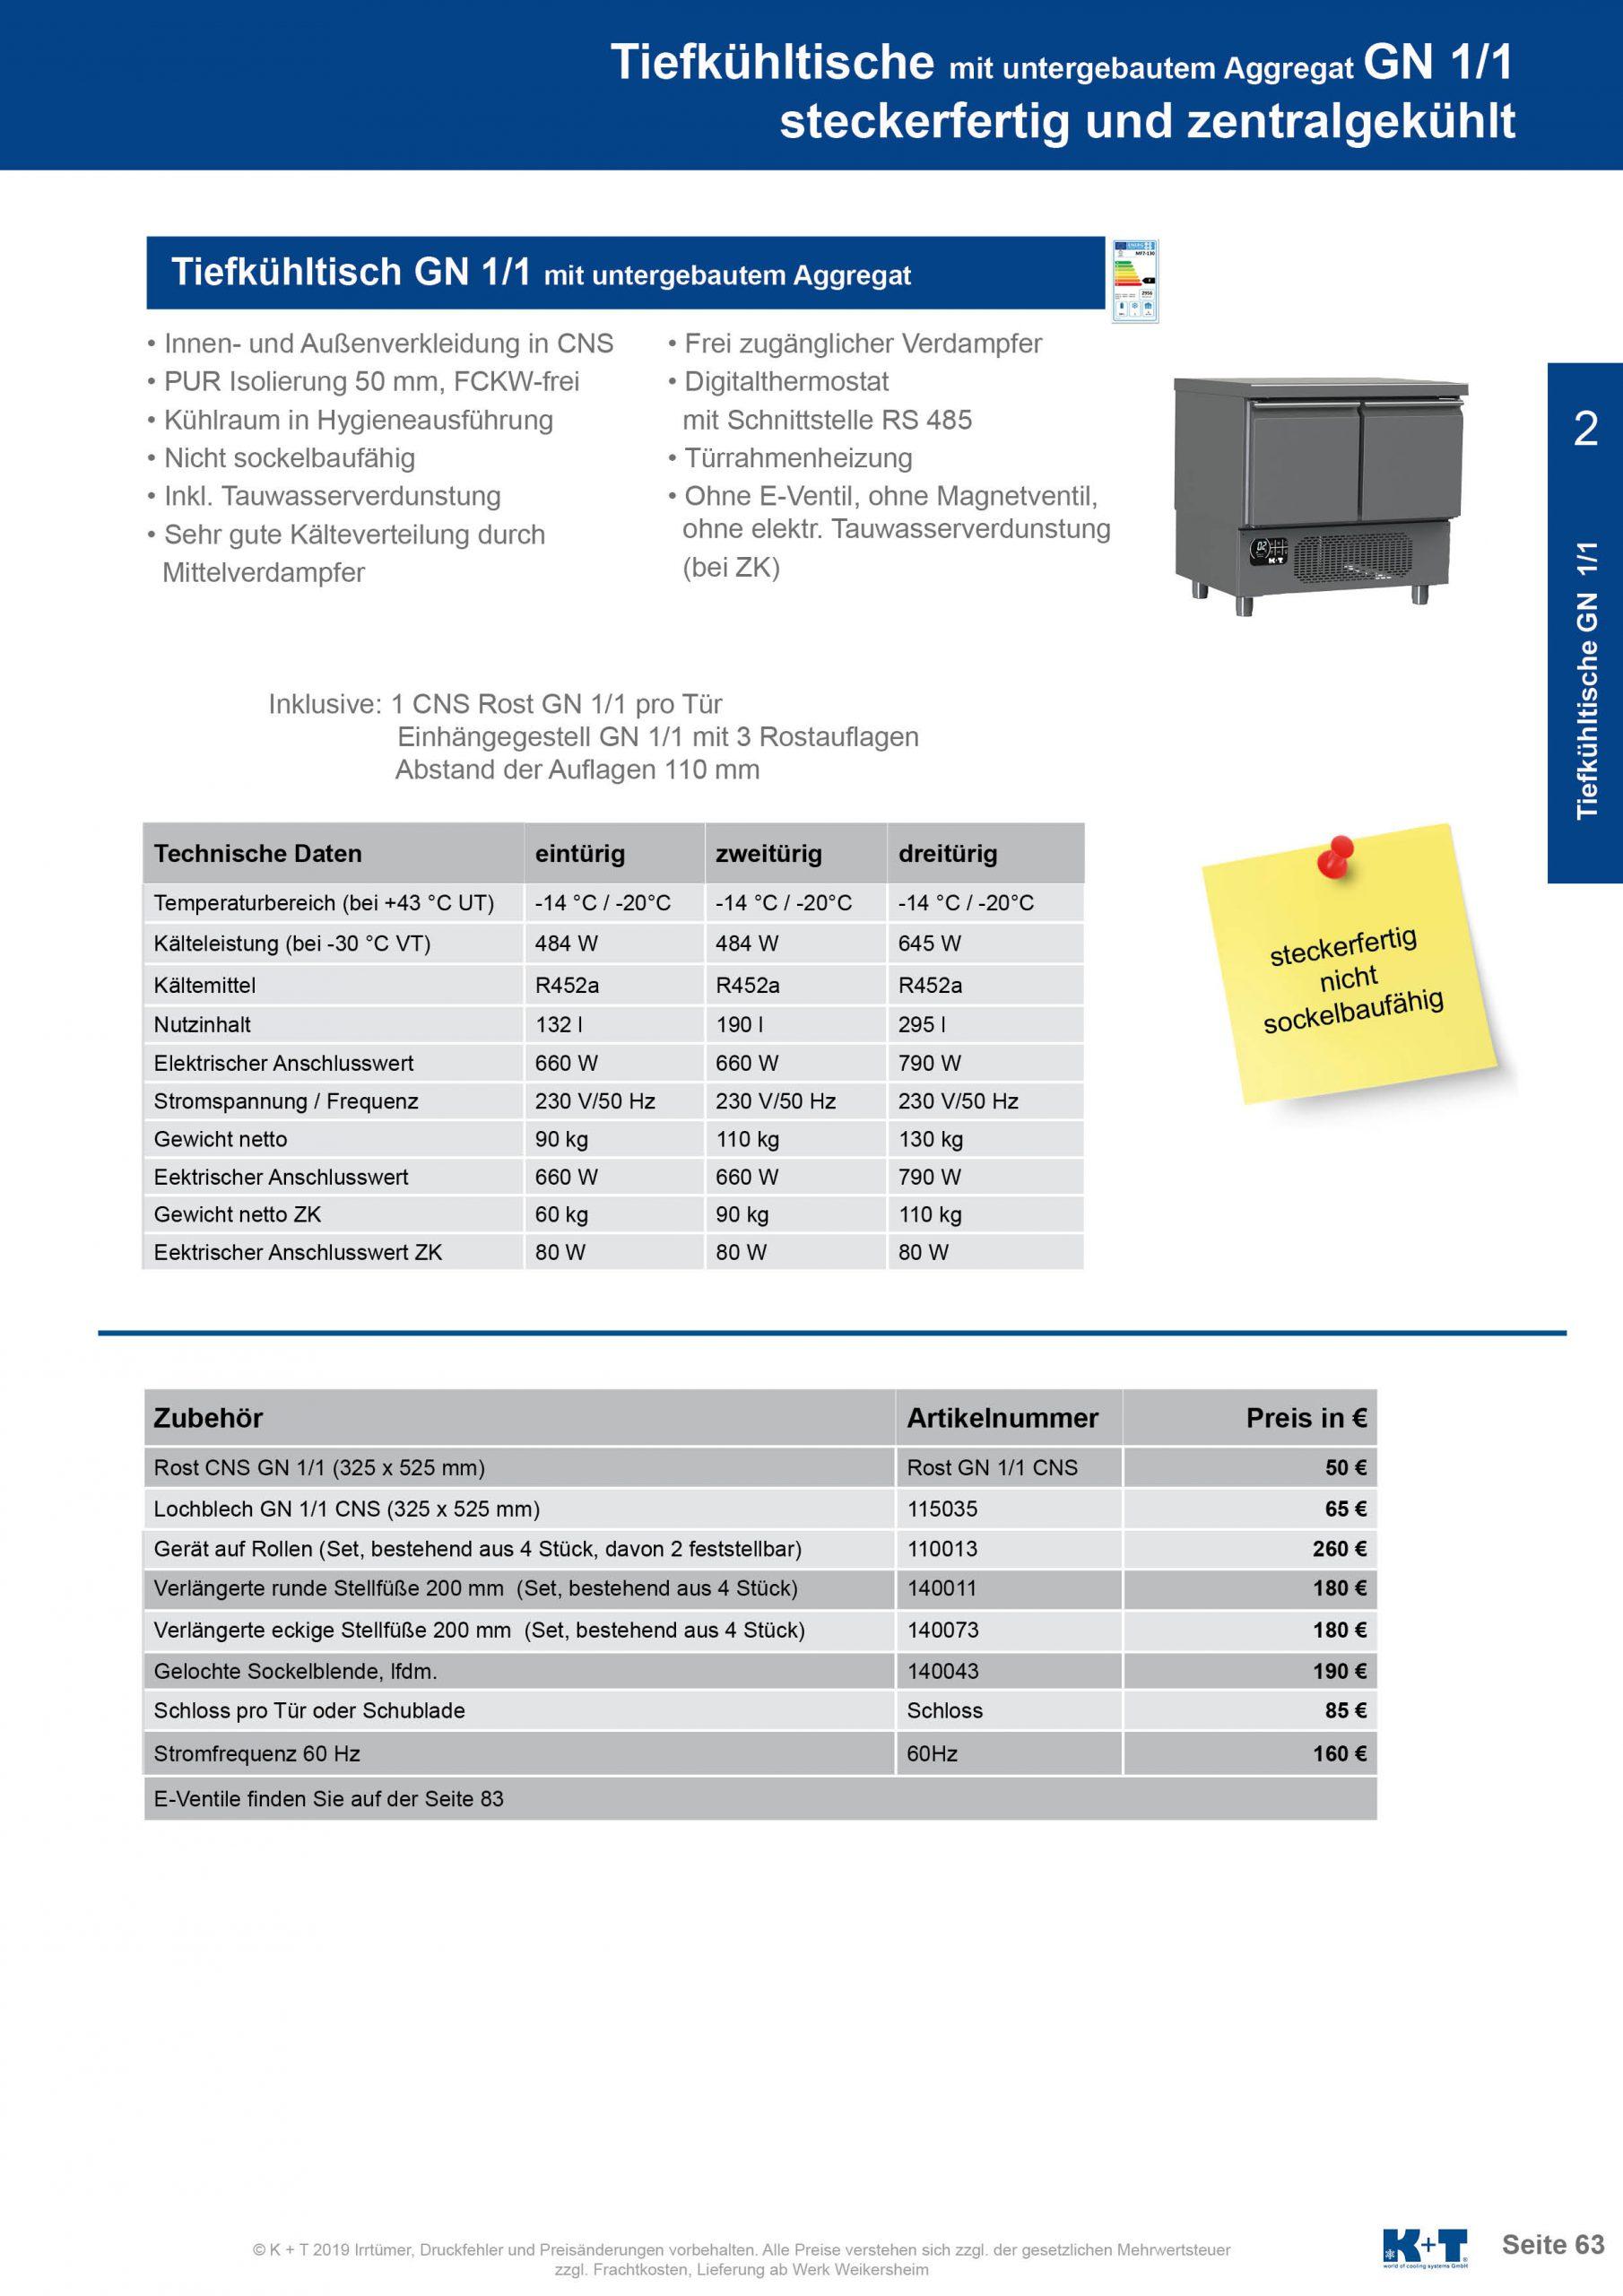 Tiefkühltisch mit untergebautem Aggregat zentralgekühlt 2